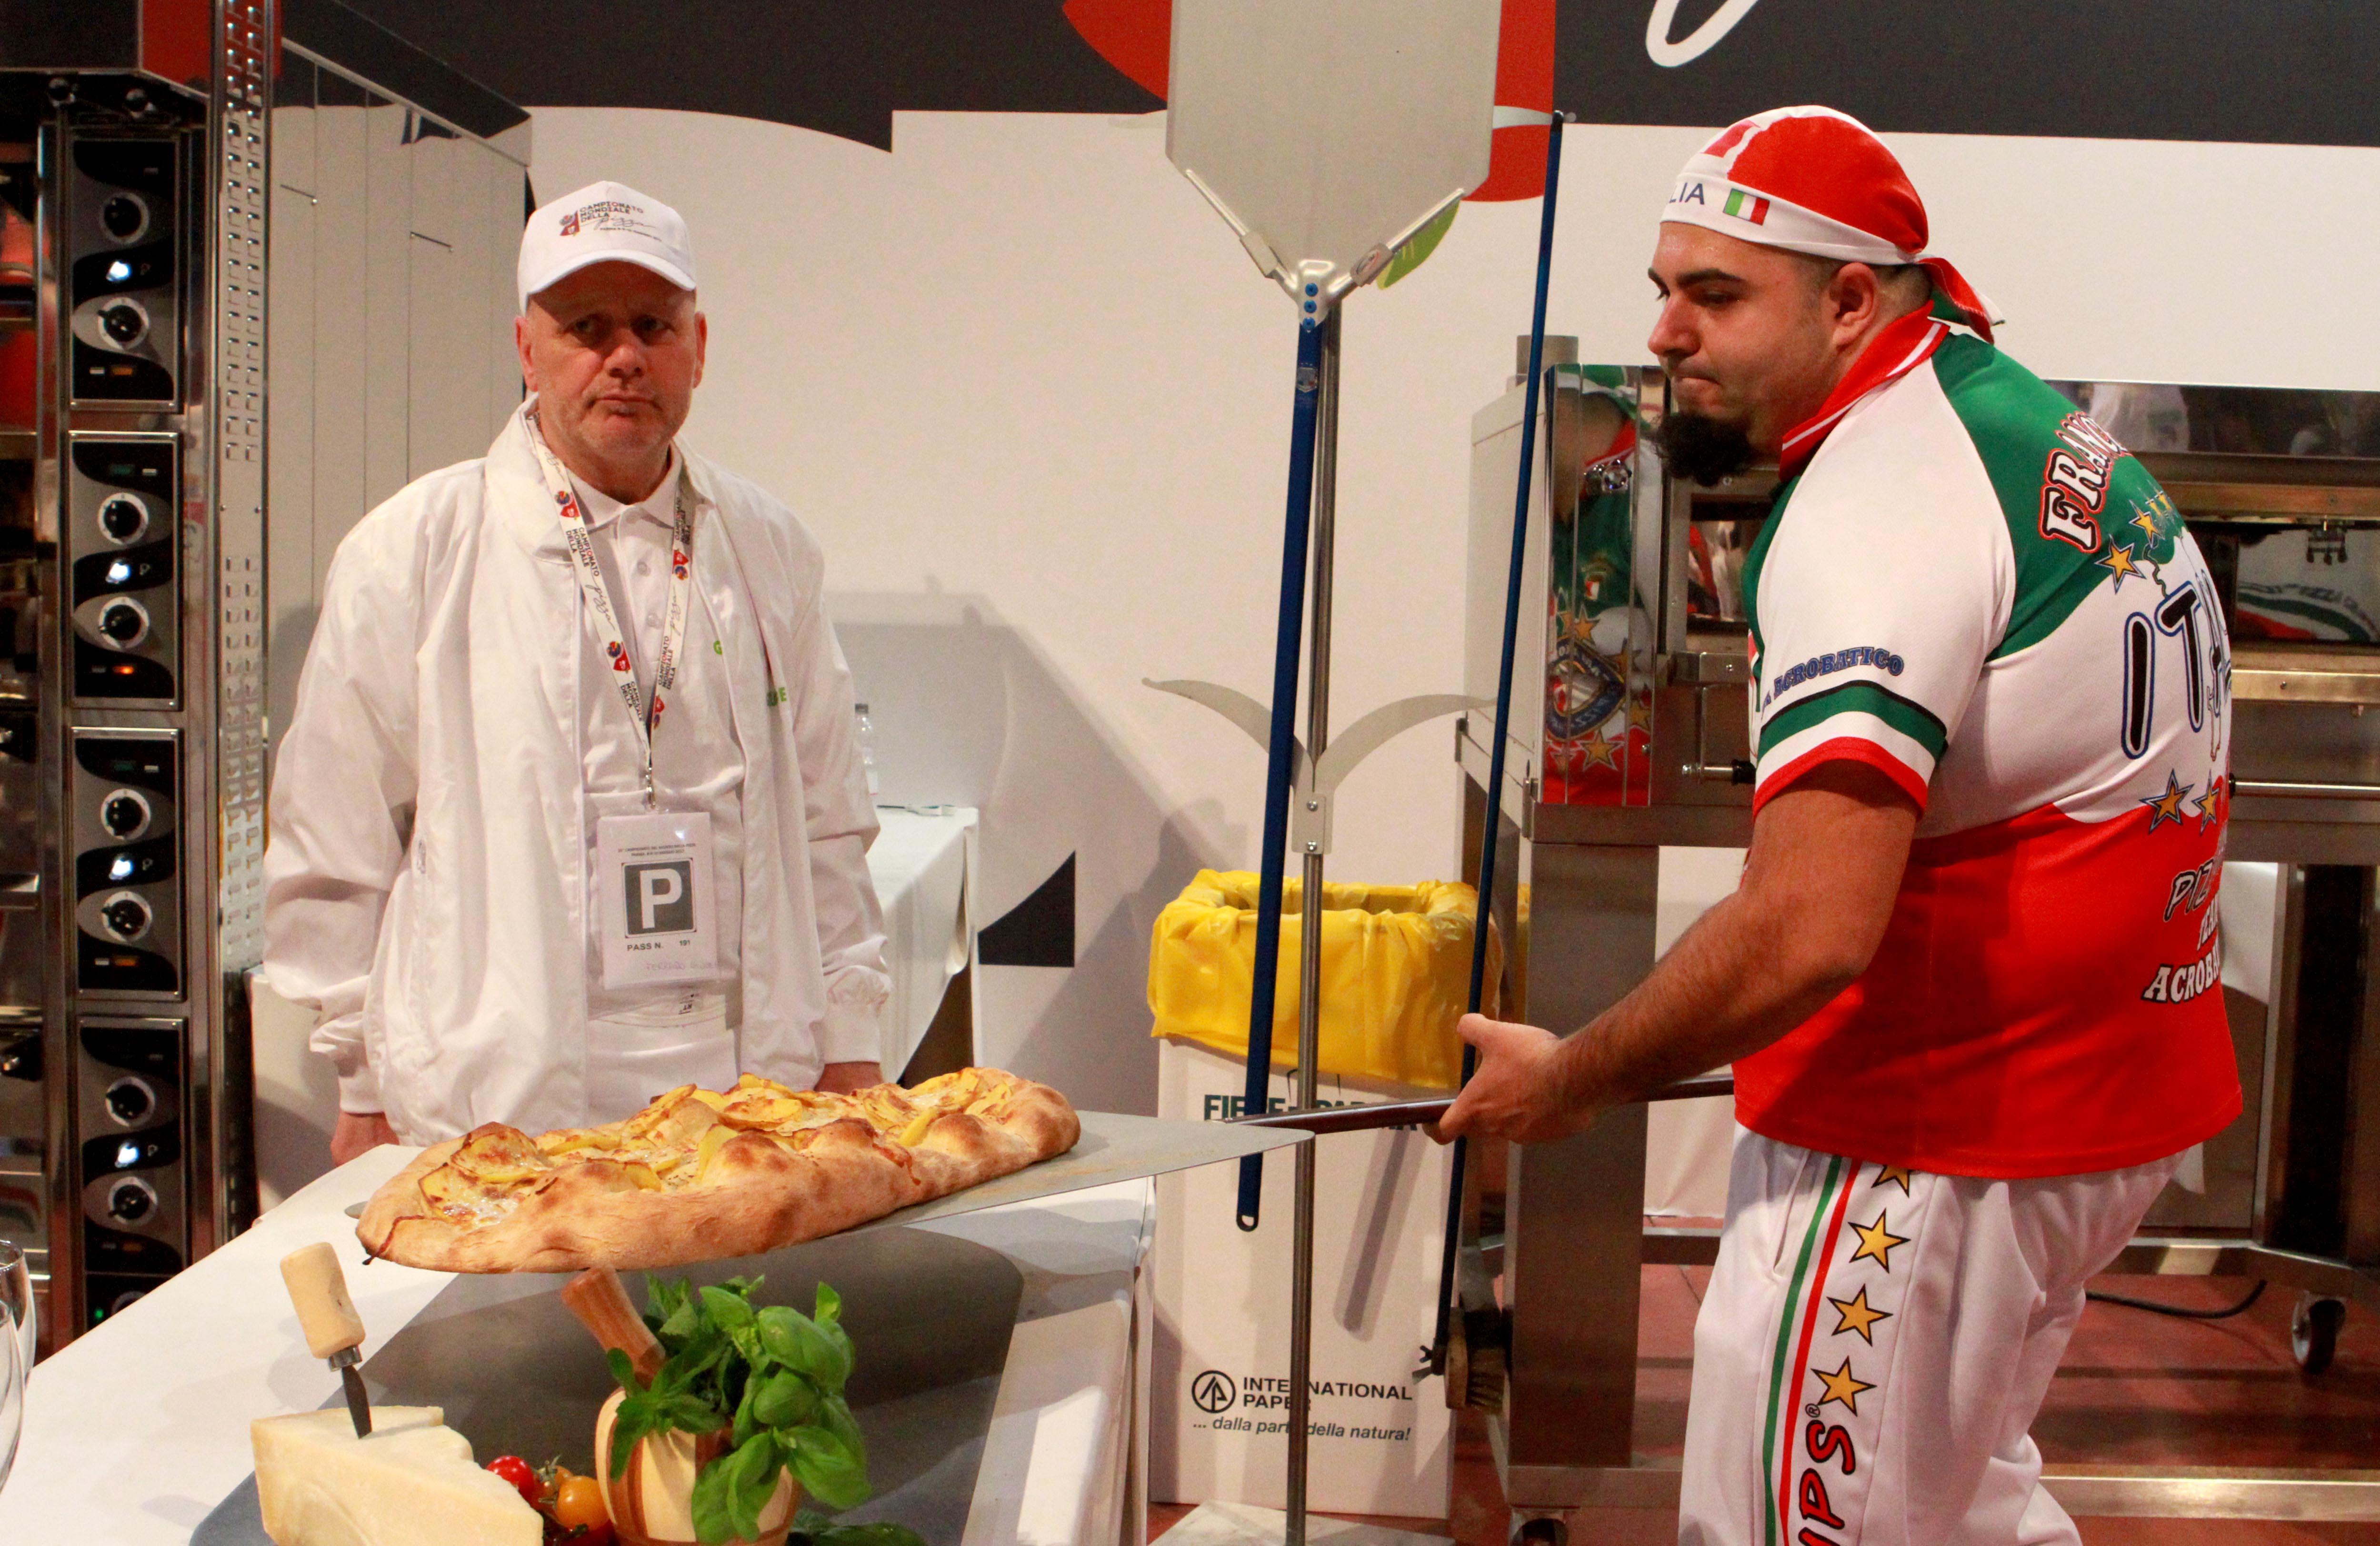 E\' tornato il Campionato Mondiale della Pizza a Parma (foto) - Il ...